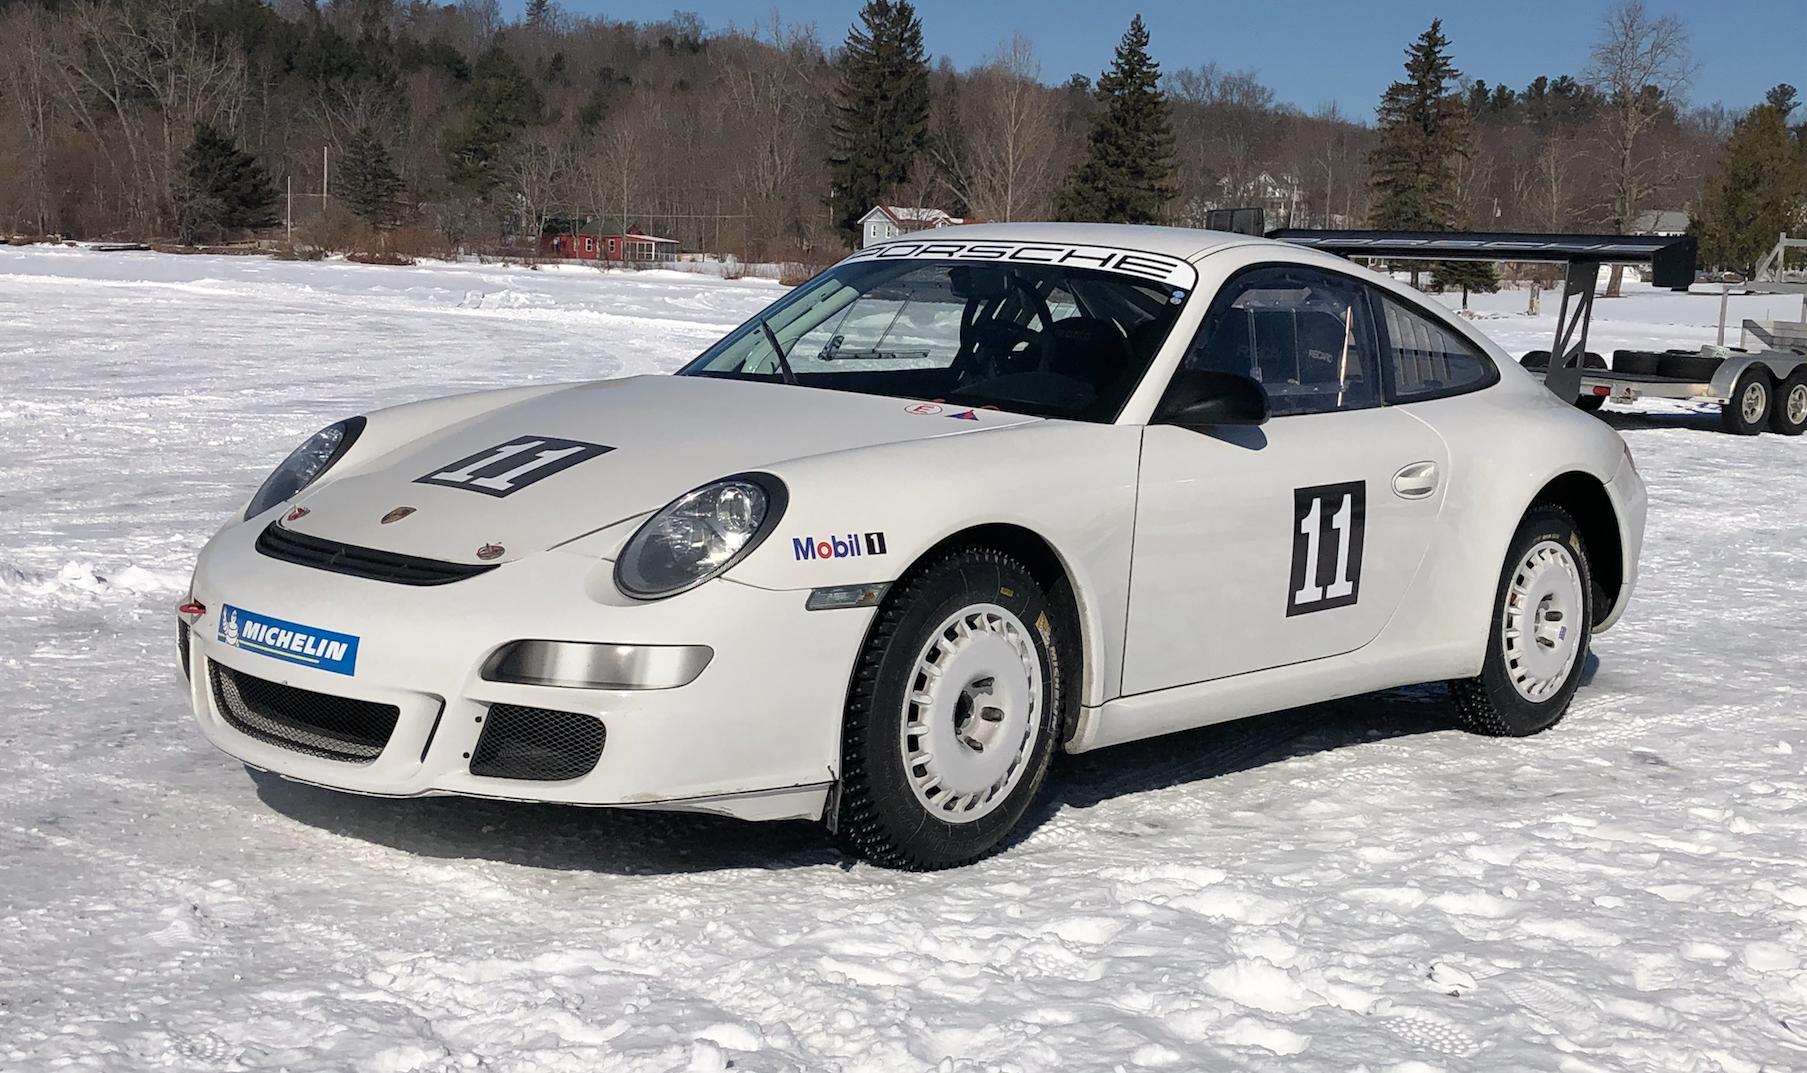 A Porsche 911 GT3 Cup Makes a Surprisingly Good Ice-Racer